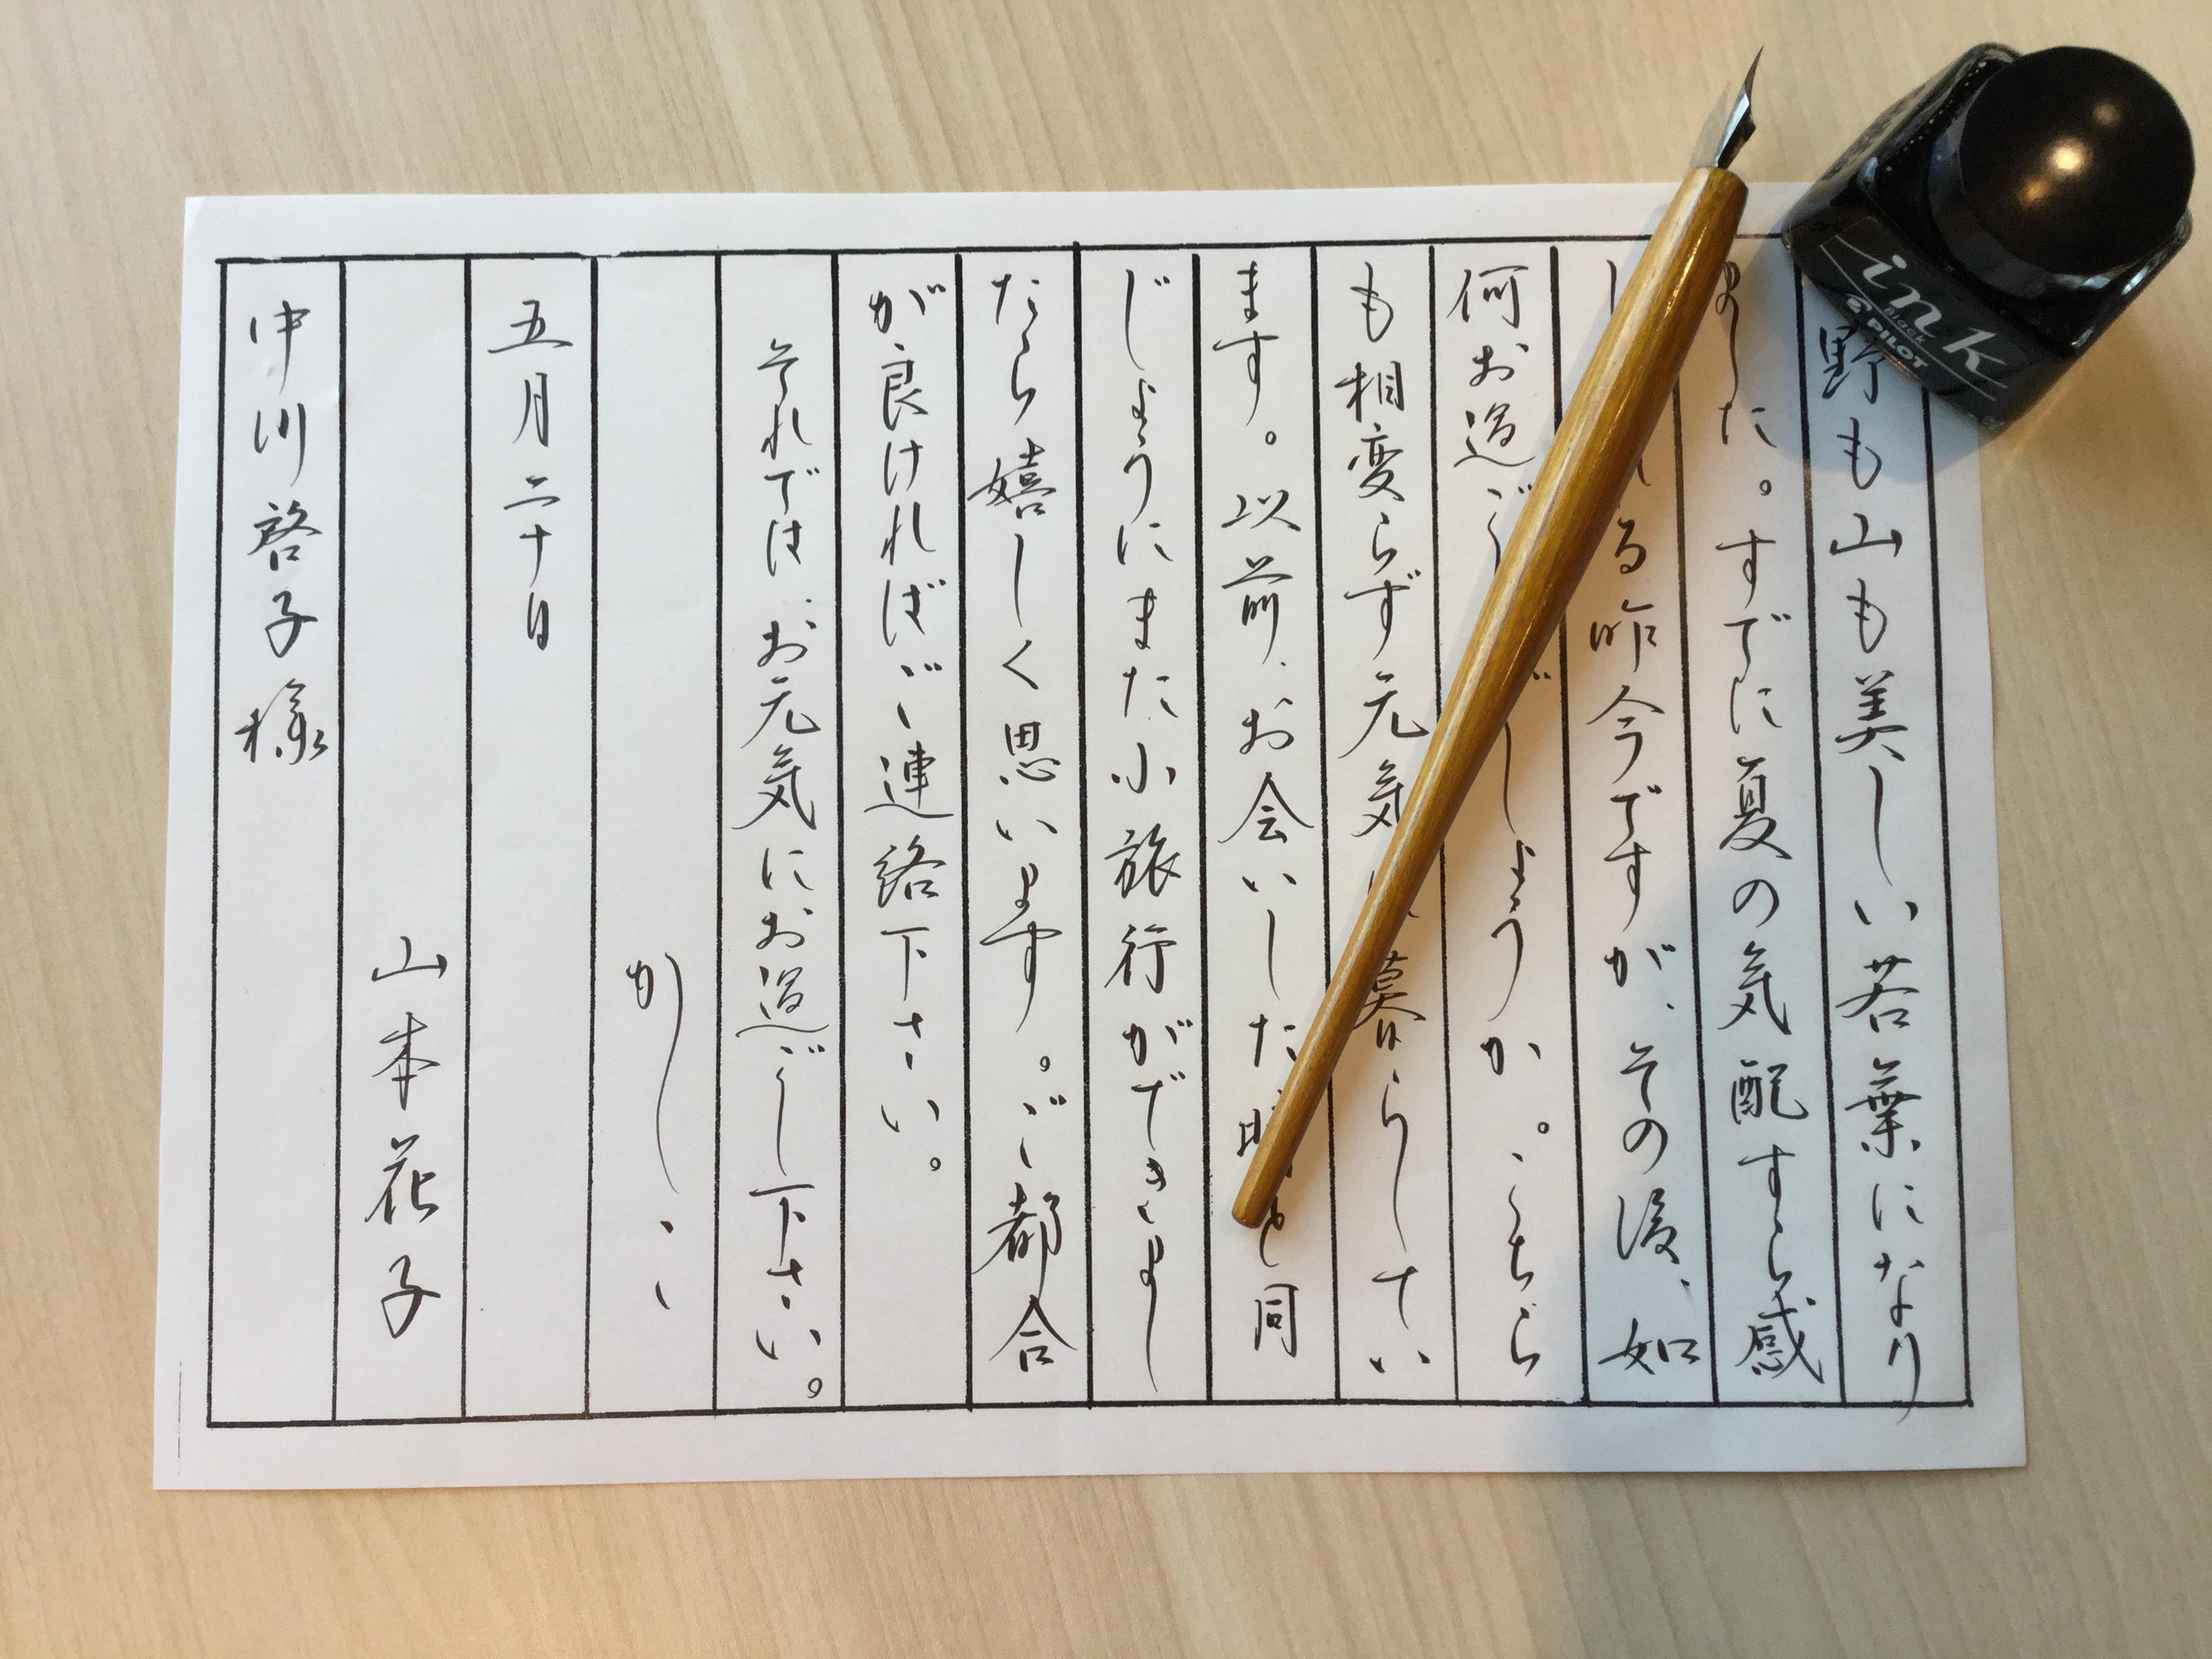 楽しいペン習字教室≪2回コース≫ イメージ